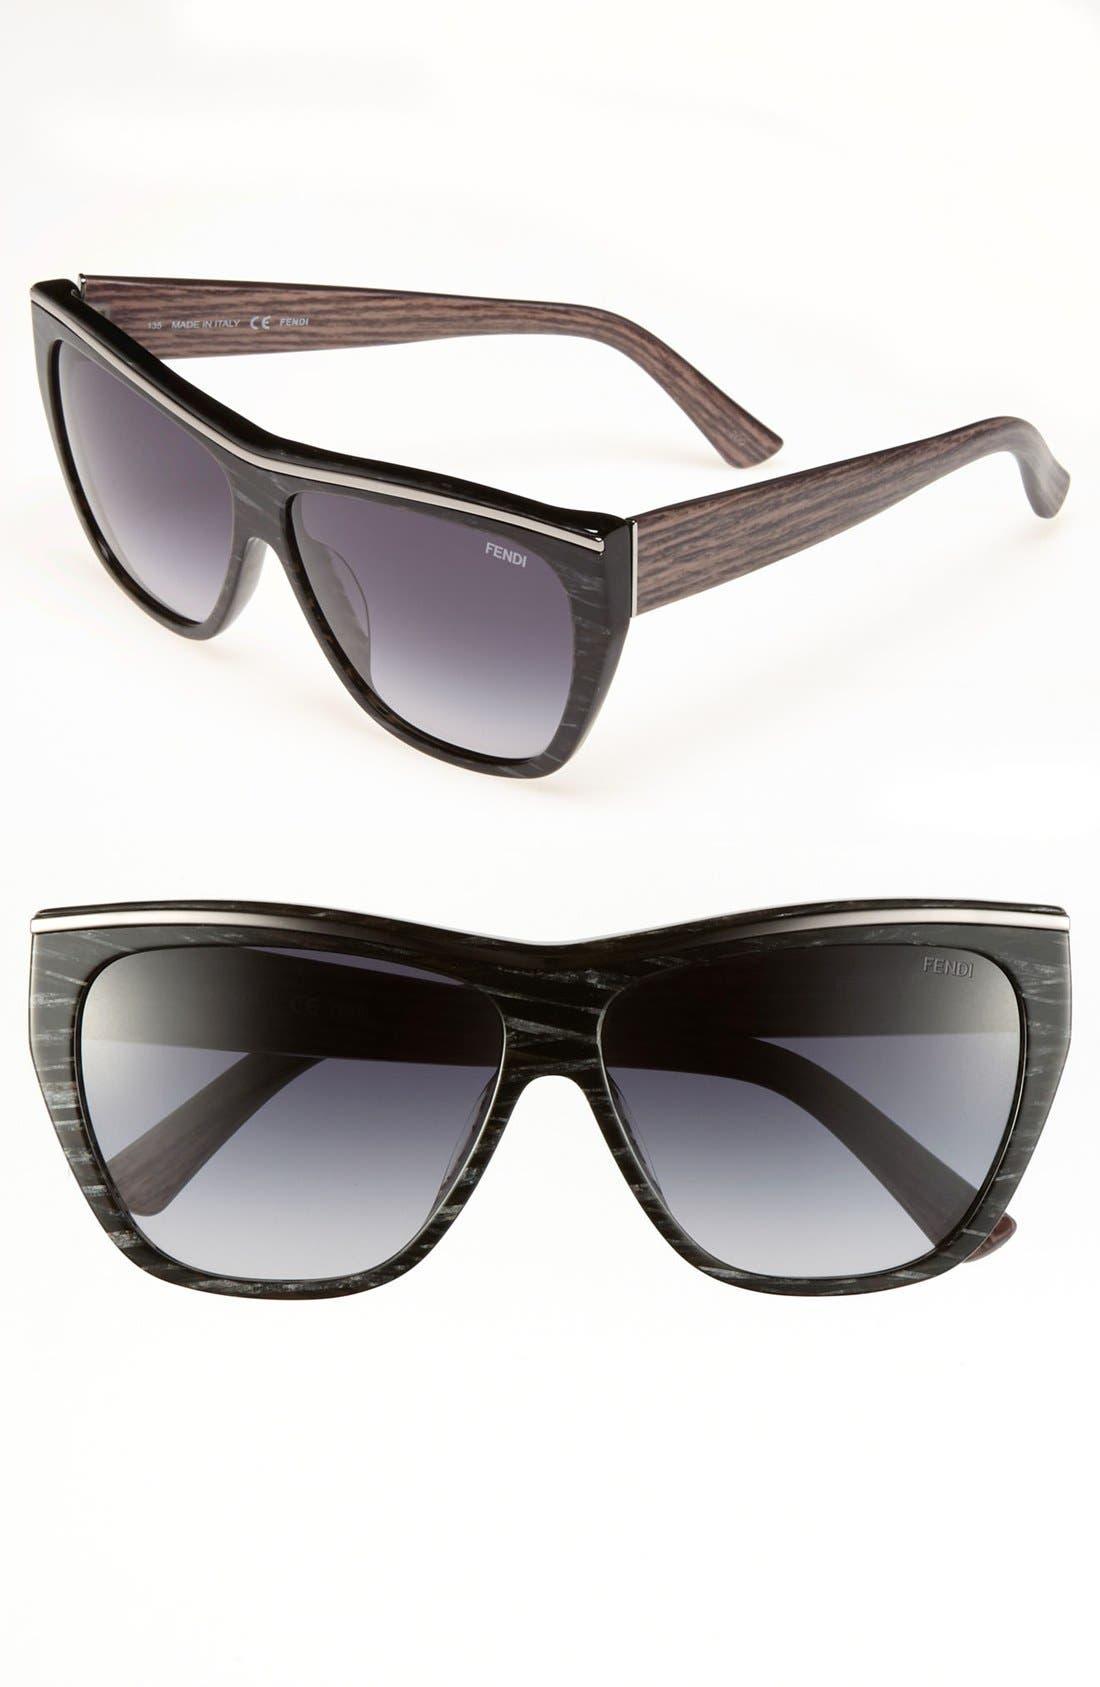 52mm Retro Sunglasses, Main, color, 002